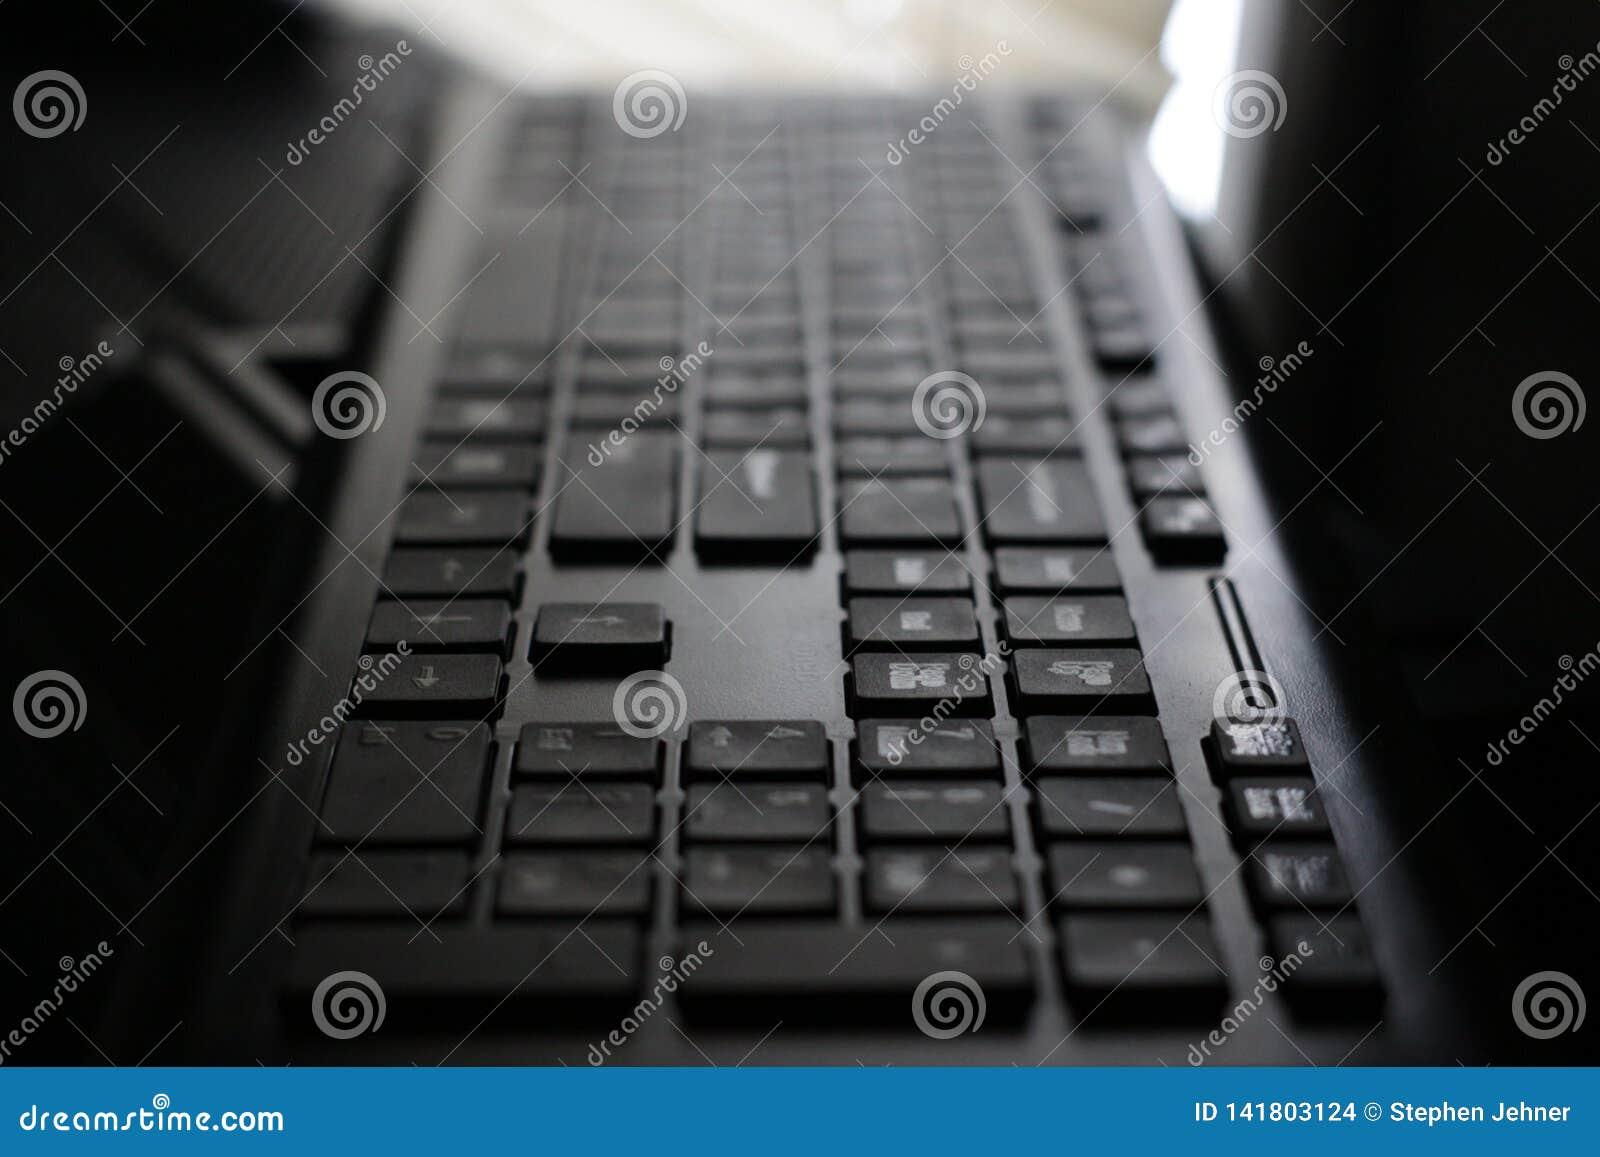 Dramatyczny widok komputerowa klawiatura